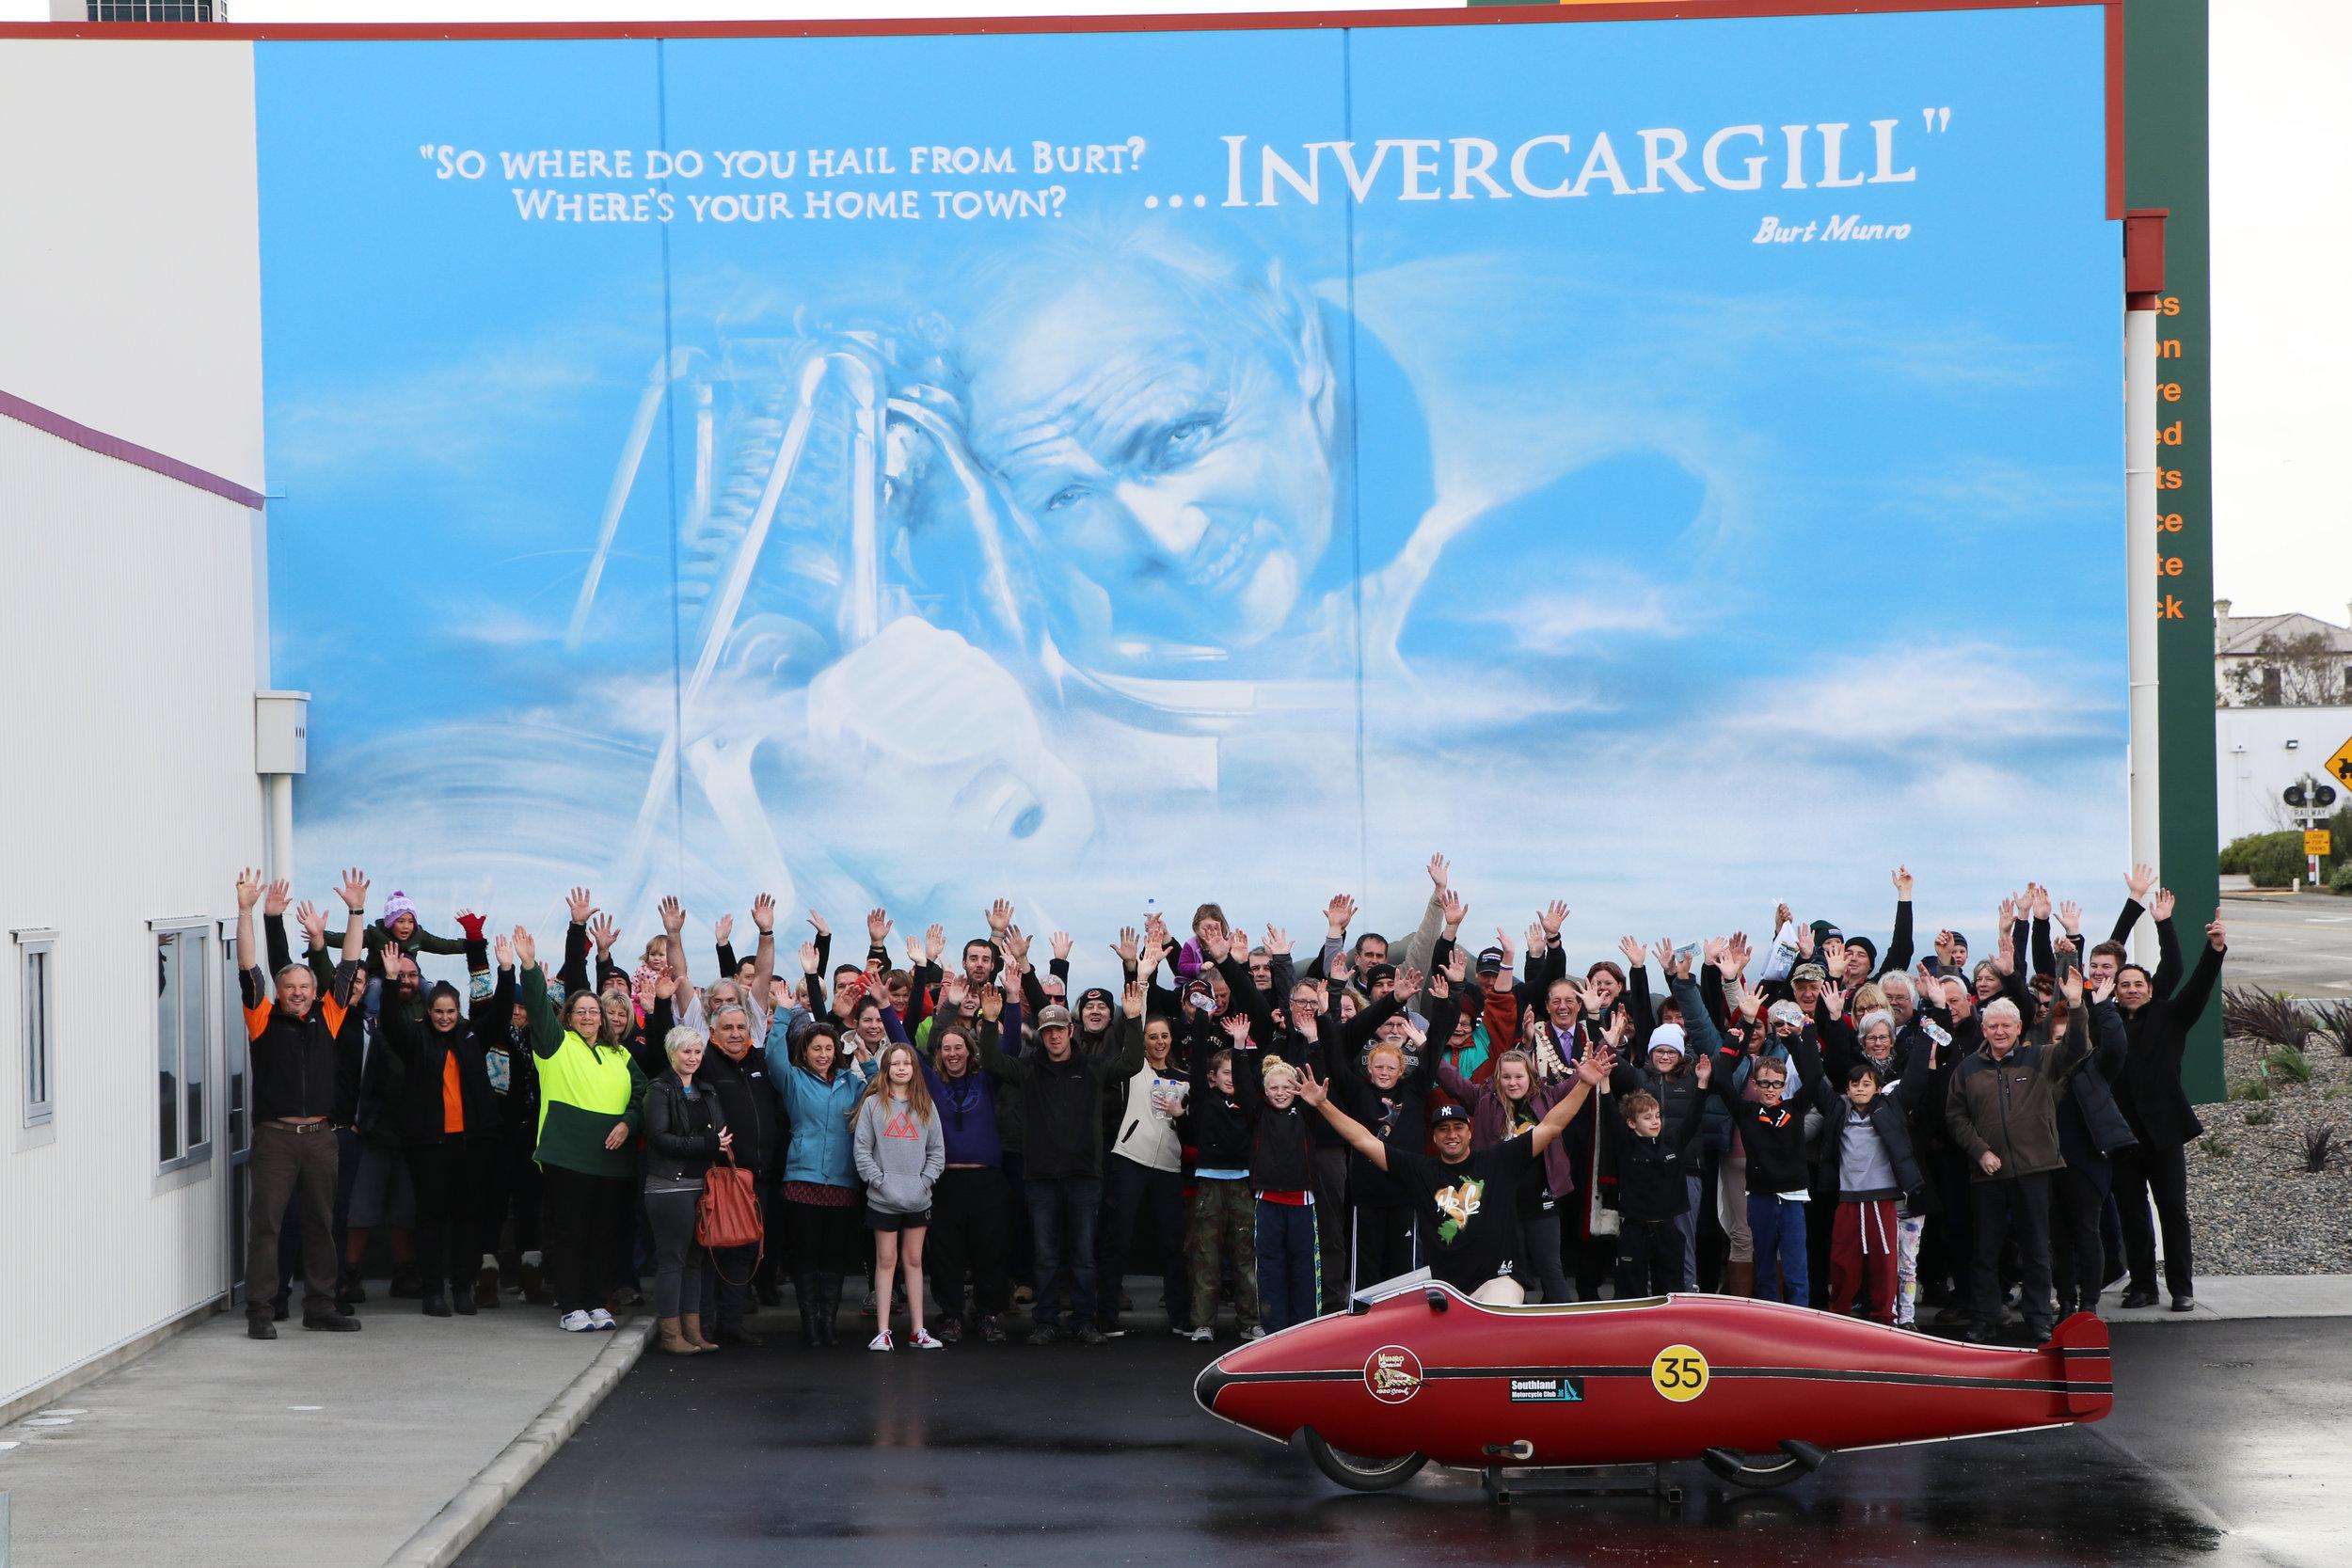 Invercargill_Group_Shot (2).JPG